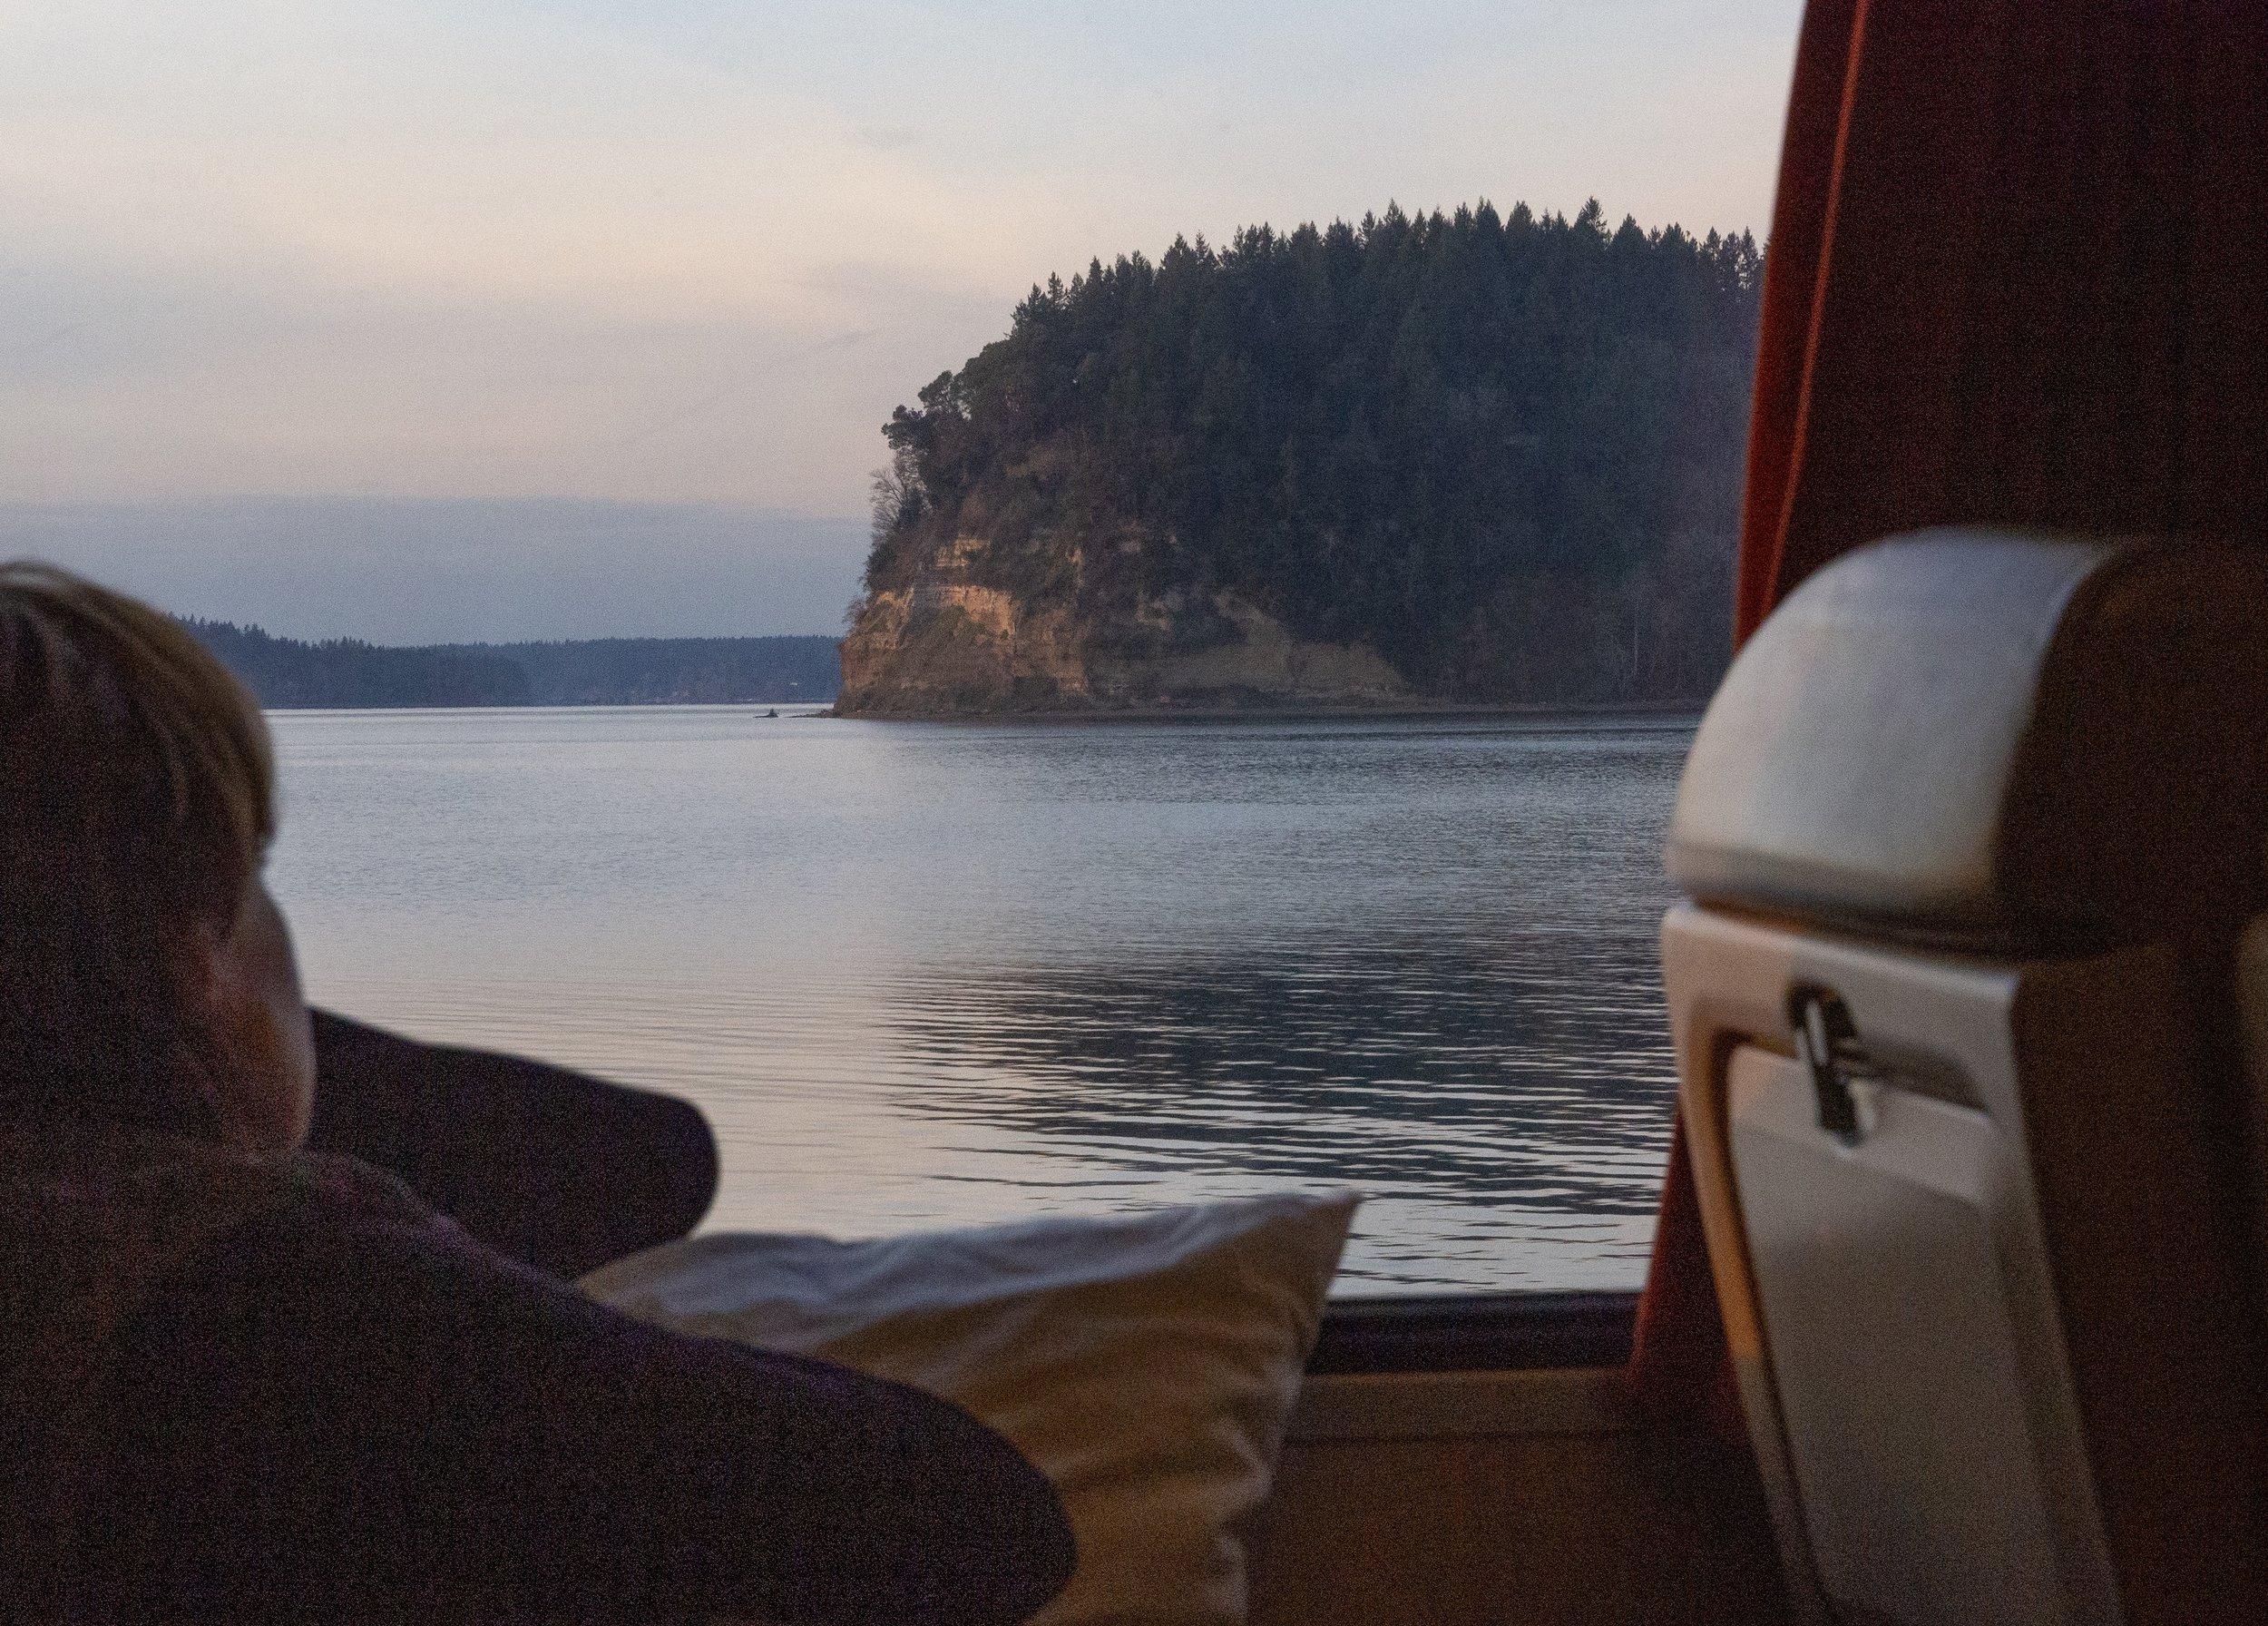 Puget Sound on left side